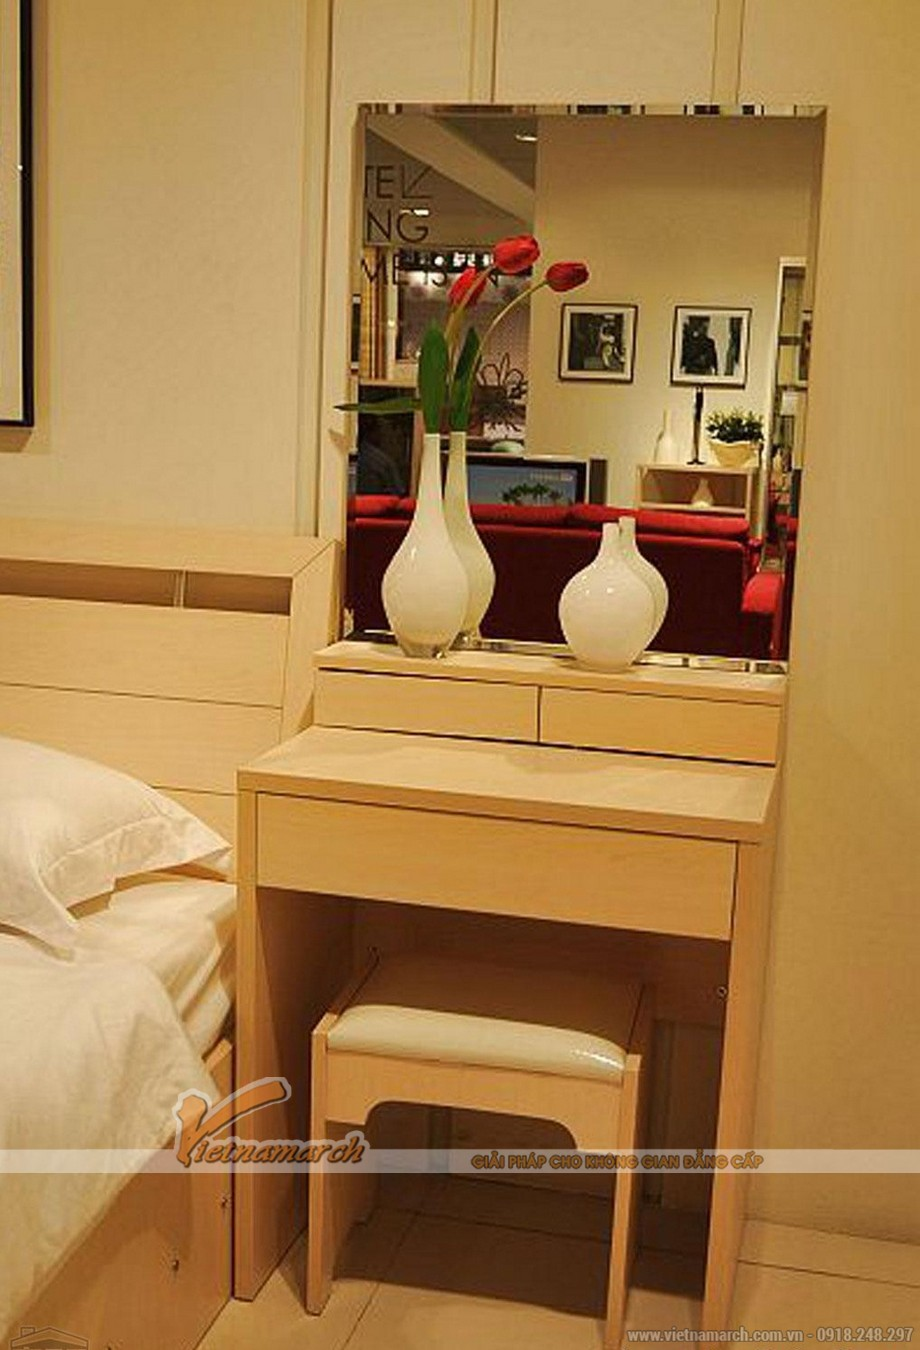 Quy tắc cần biết khi lựa chọn bàn trang điểm cho phòng ngủ đẹp